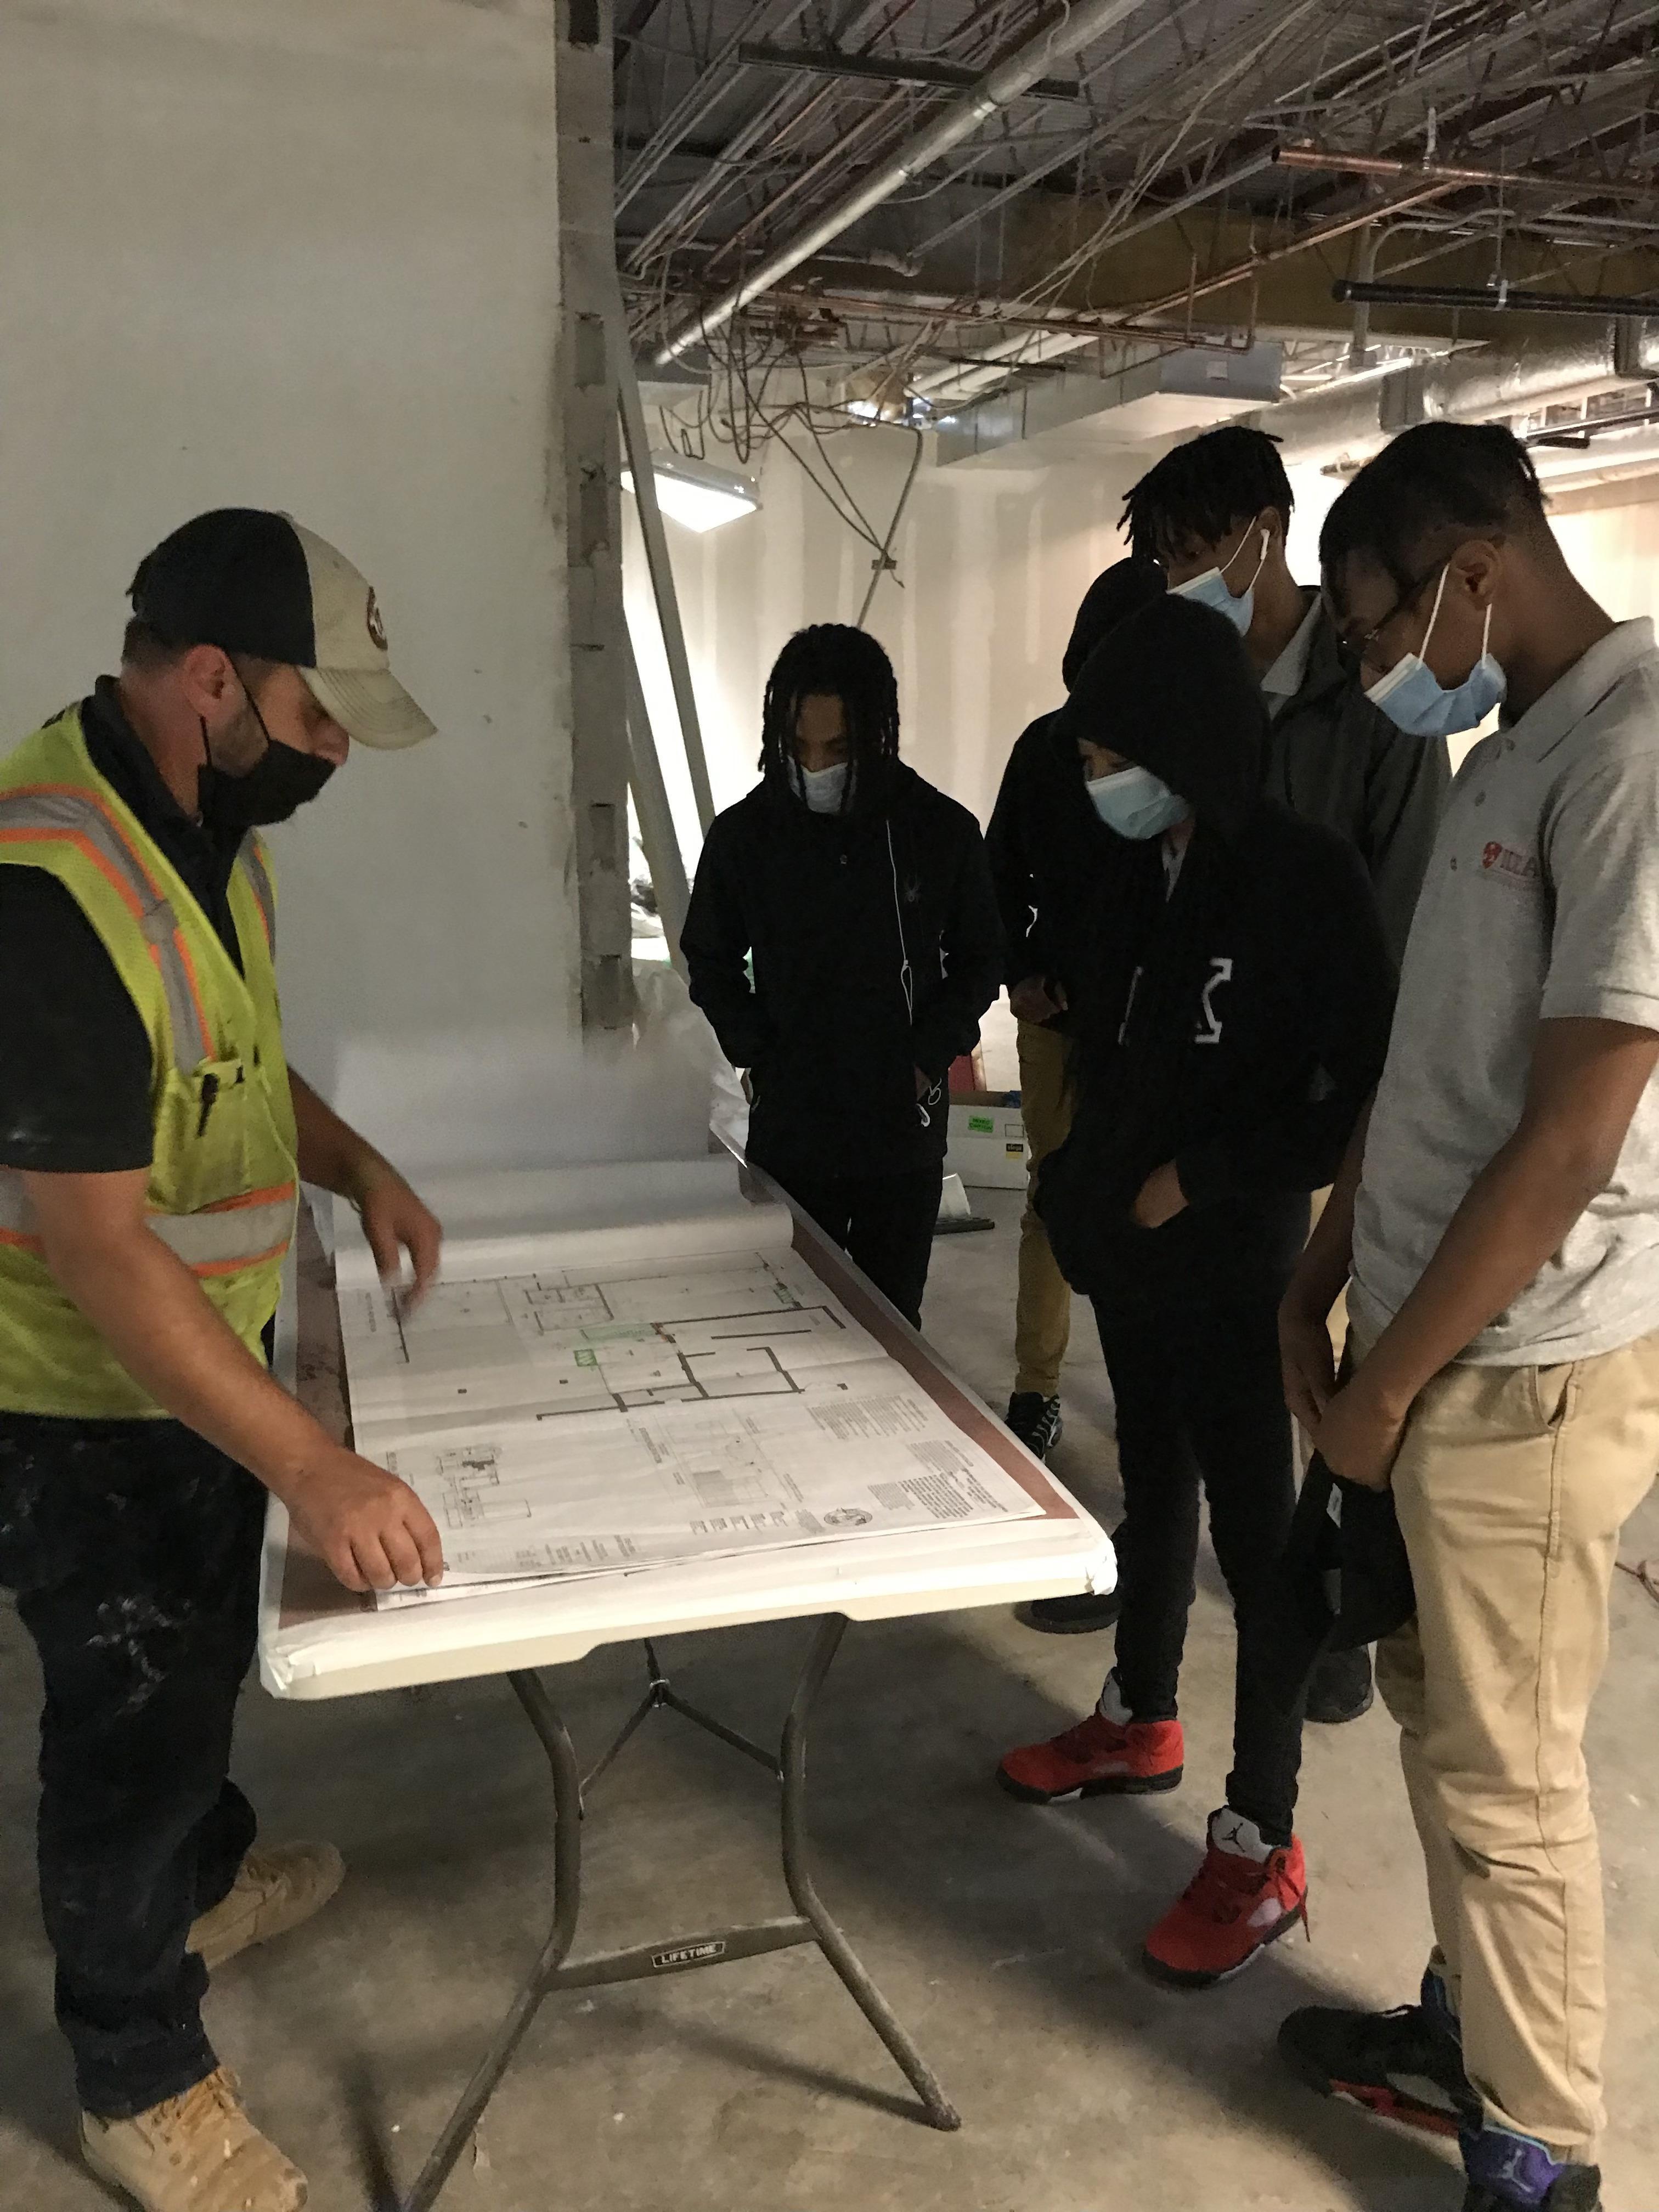 construction tour 4.heic